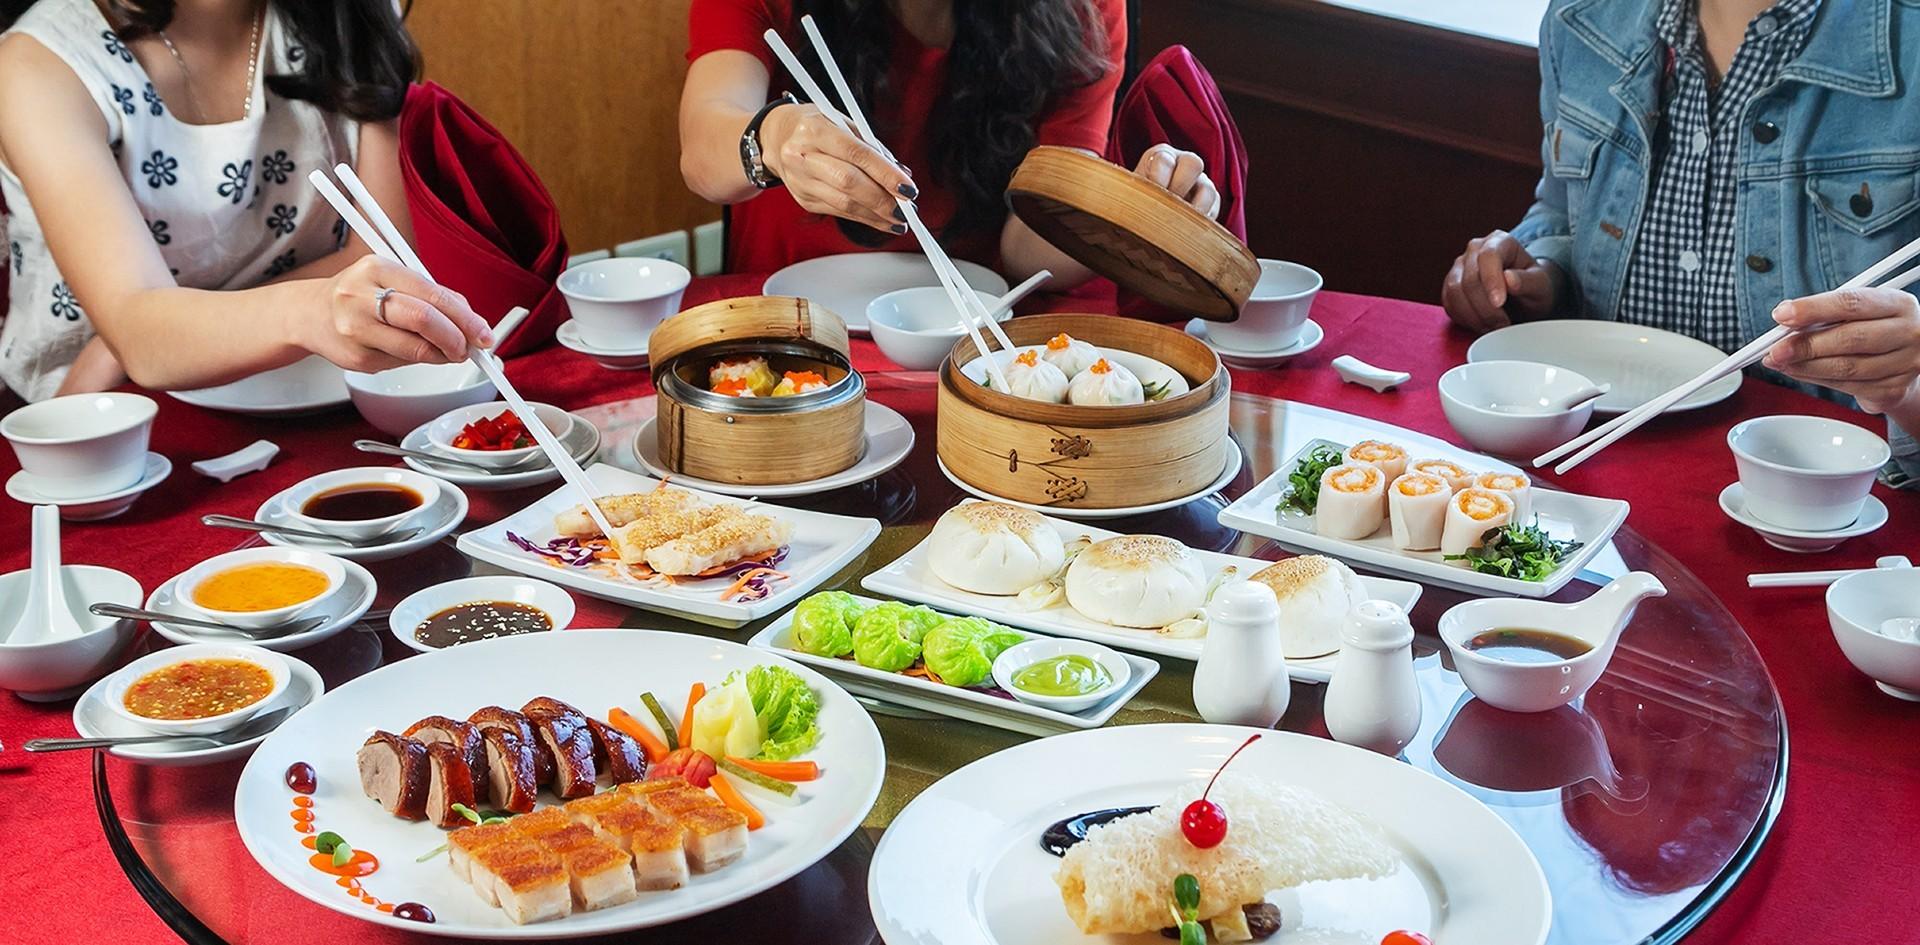 """[รีวิว] """"China Palace"""" ห้องอาหารจีน พร้อมหลากเมนูติ่มซำ คุณภาพเน้น ๆ"""